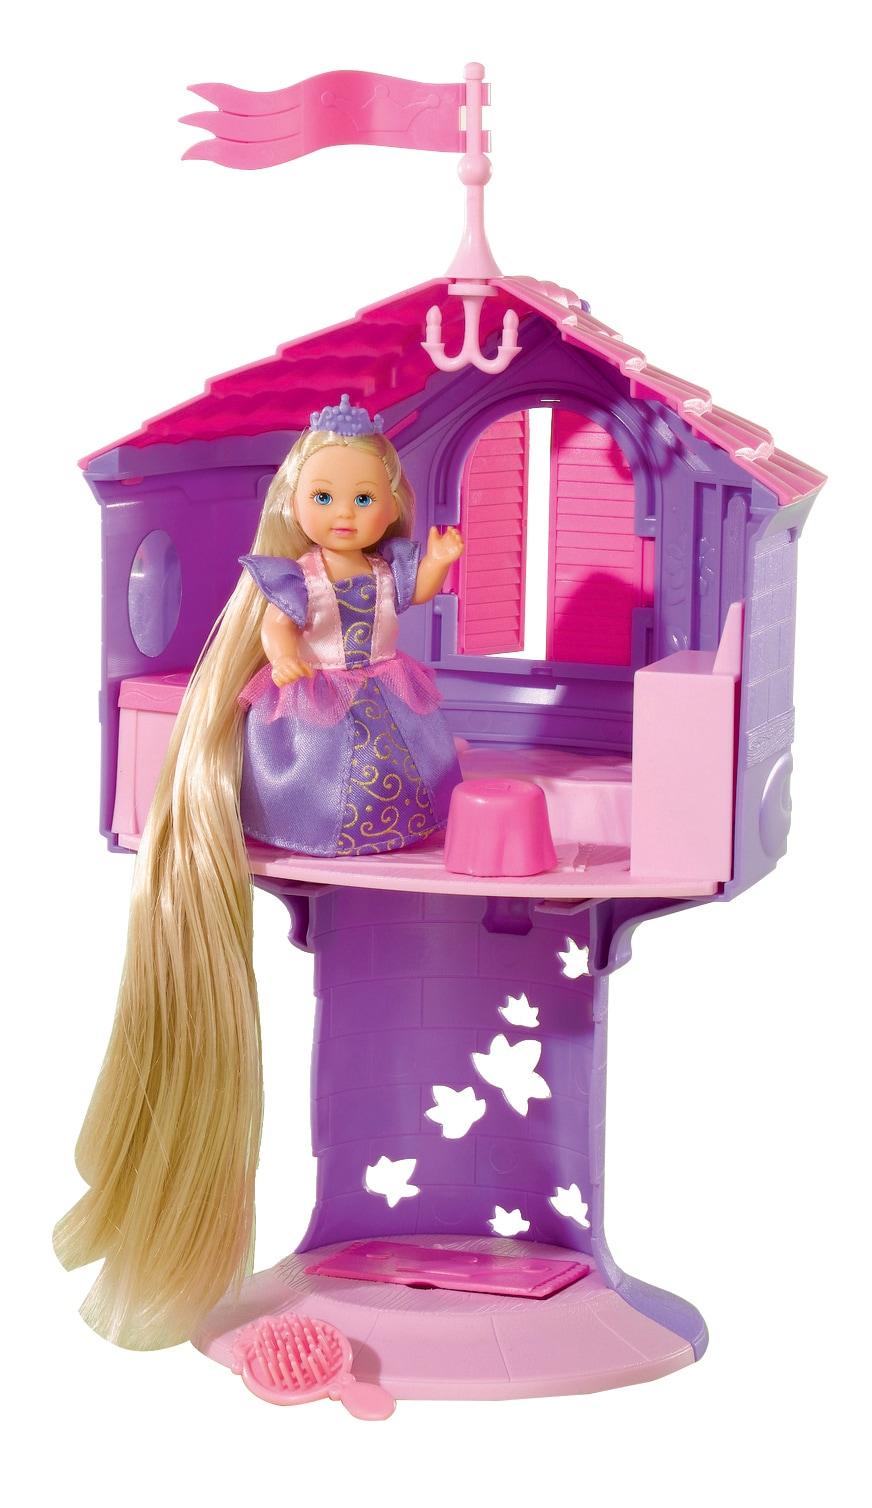 Simba Rapunzel Tower